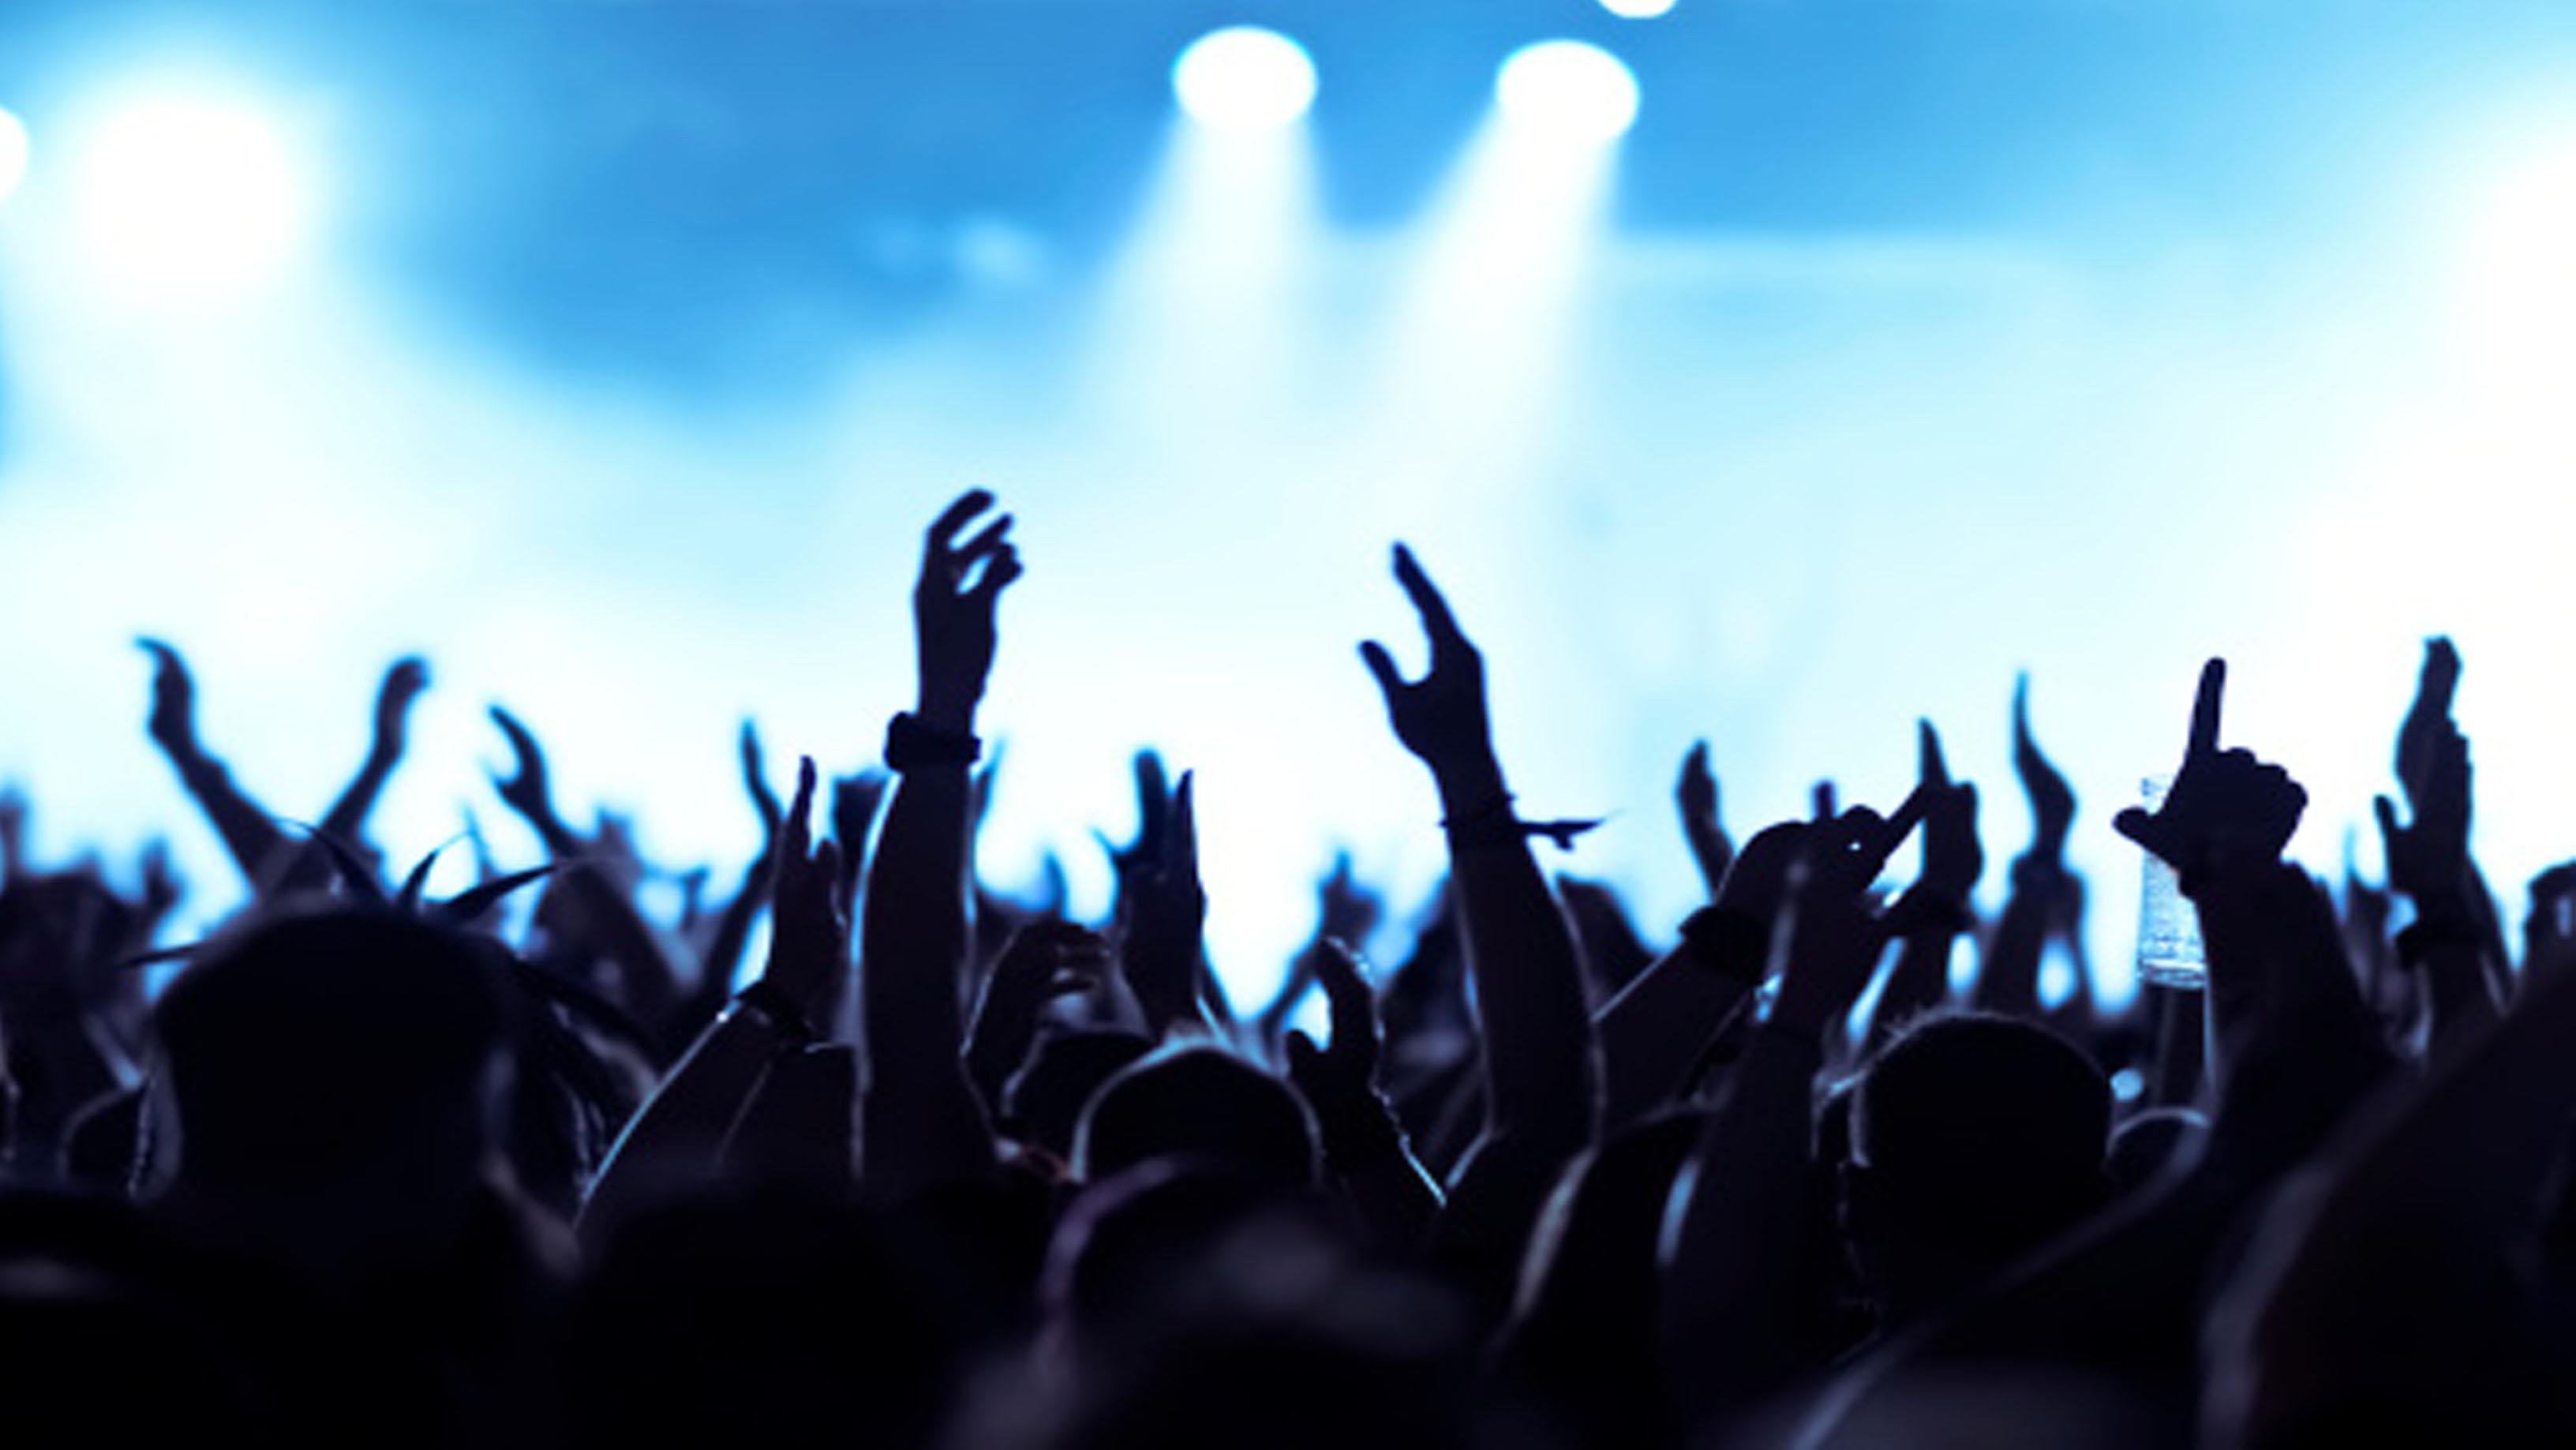 Приглашаем наежегодный благотворительный концерт «Таланты турбизнеса»!